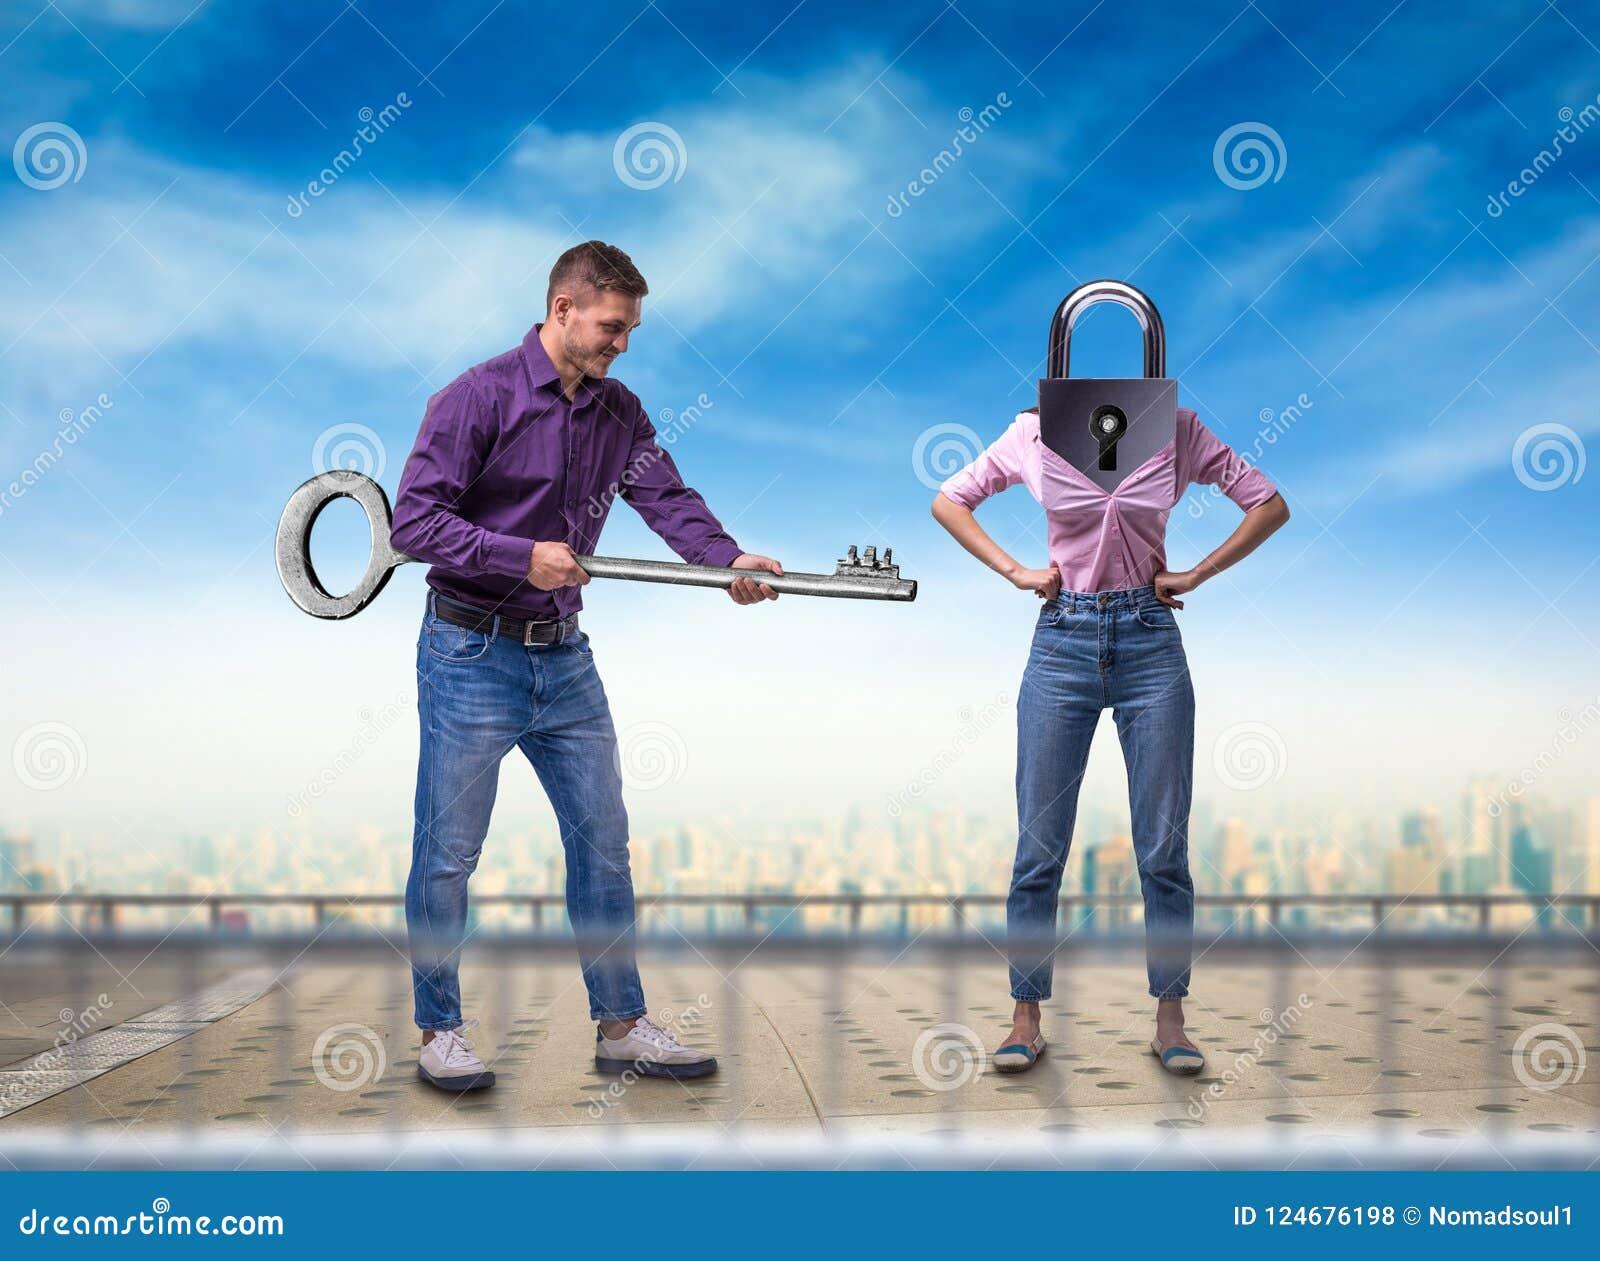 Mann hält Schlüssel, Frau mit Schlüsselloch anstelle des Kopfes